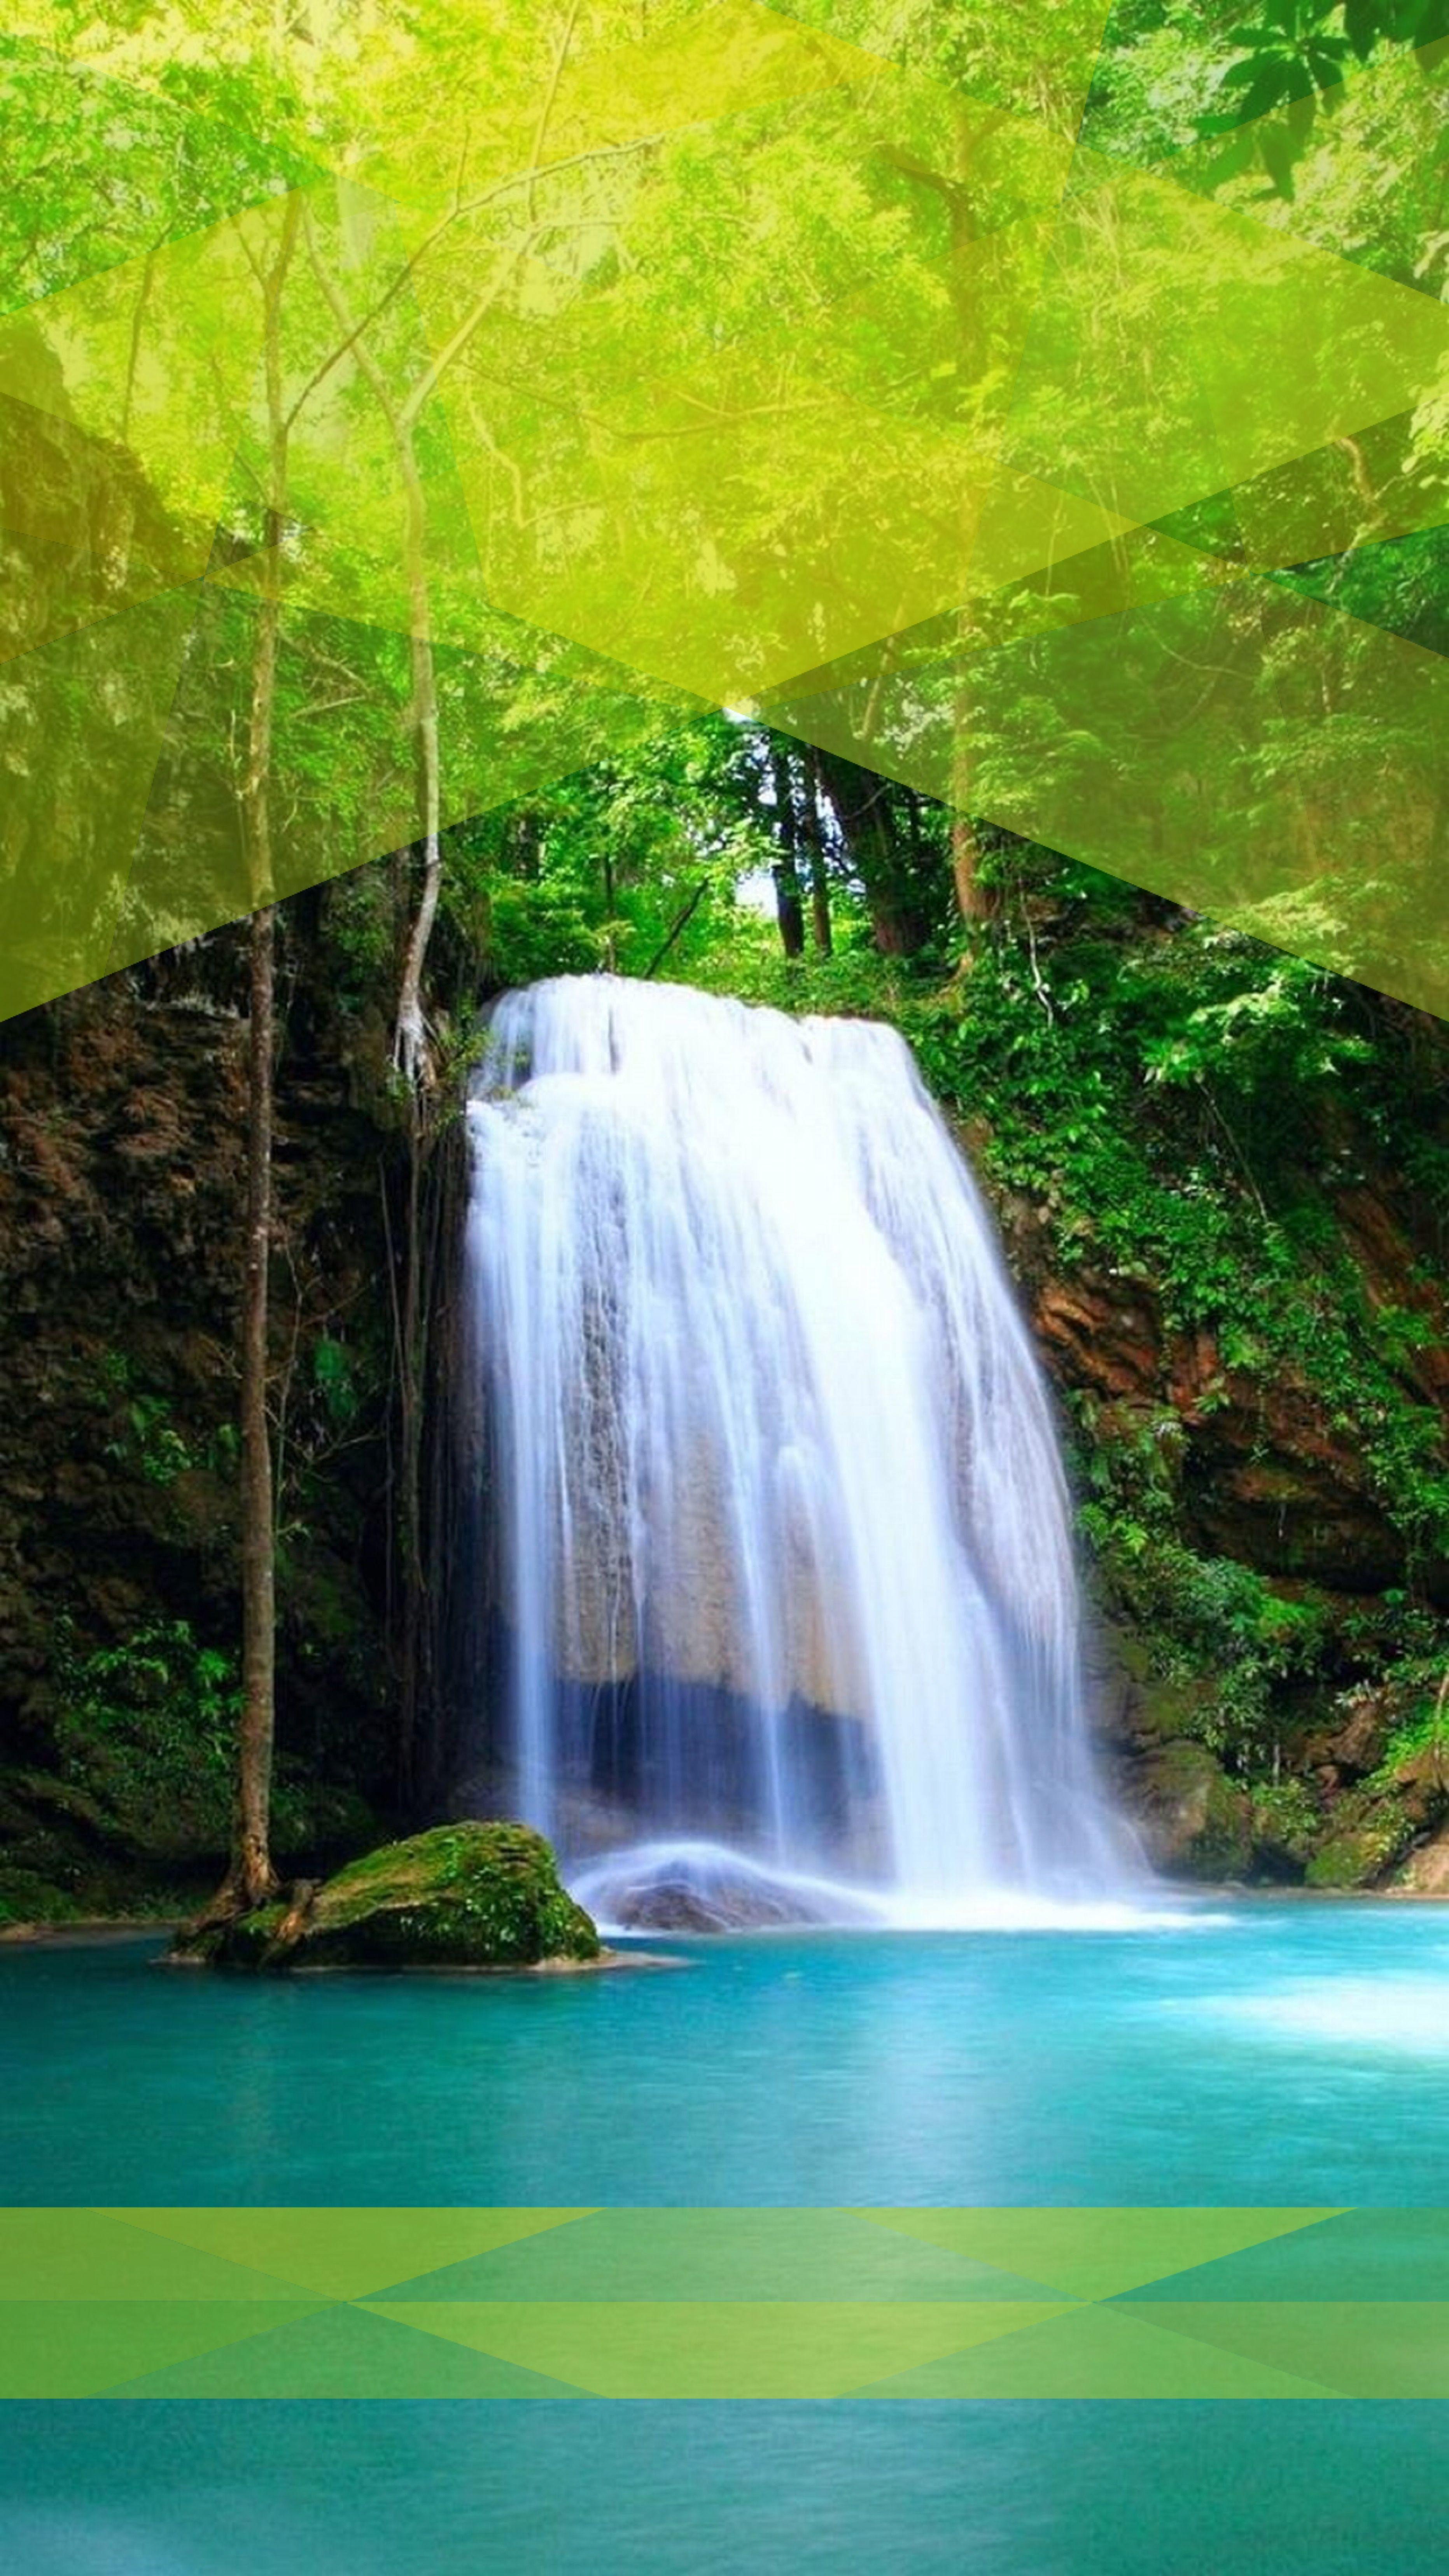 Simple Wallpaper Mobile Waterfall - d39954713b5b916239bdc26d236ed5ba  Snapshot_42398.jpg